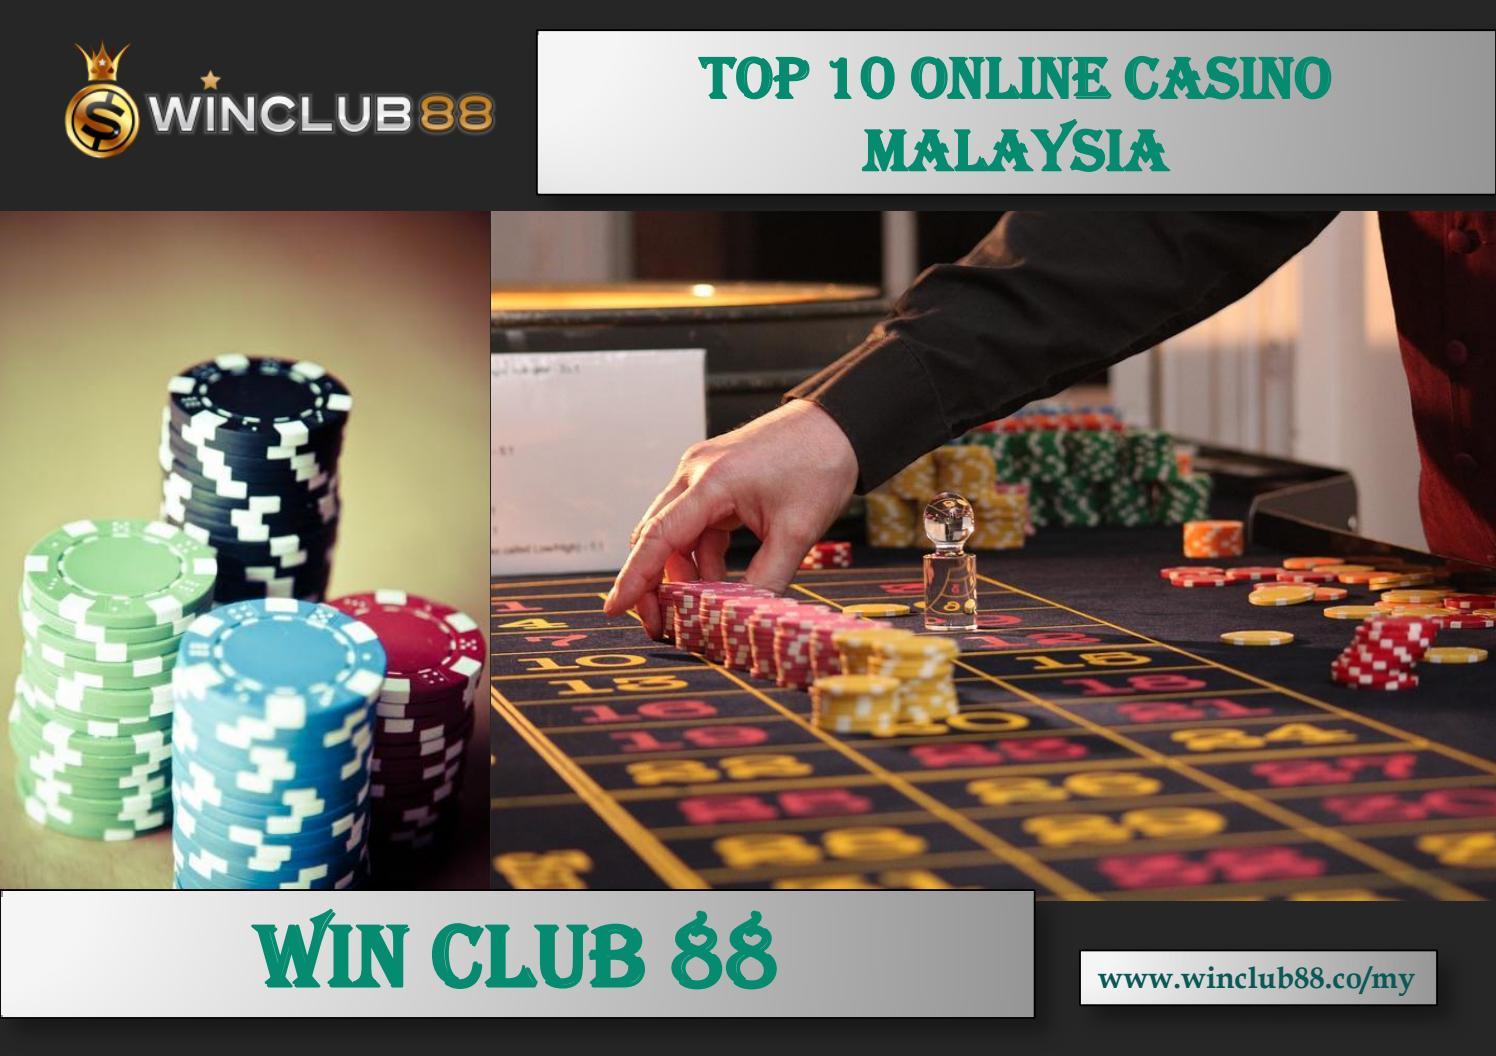 The top 10 online casino карты винкс играть бесплатно